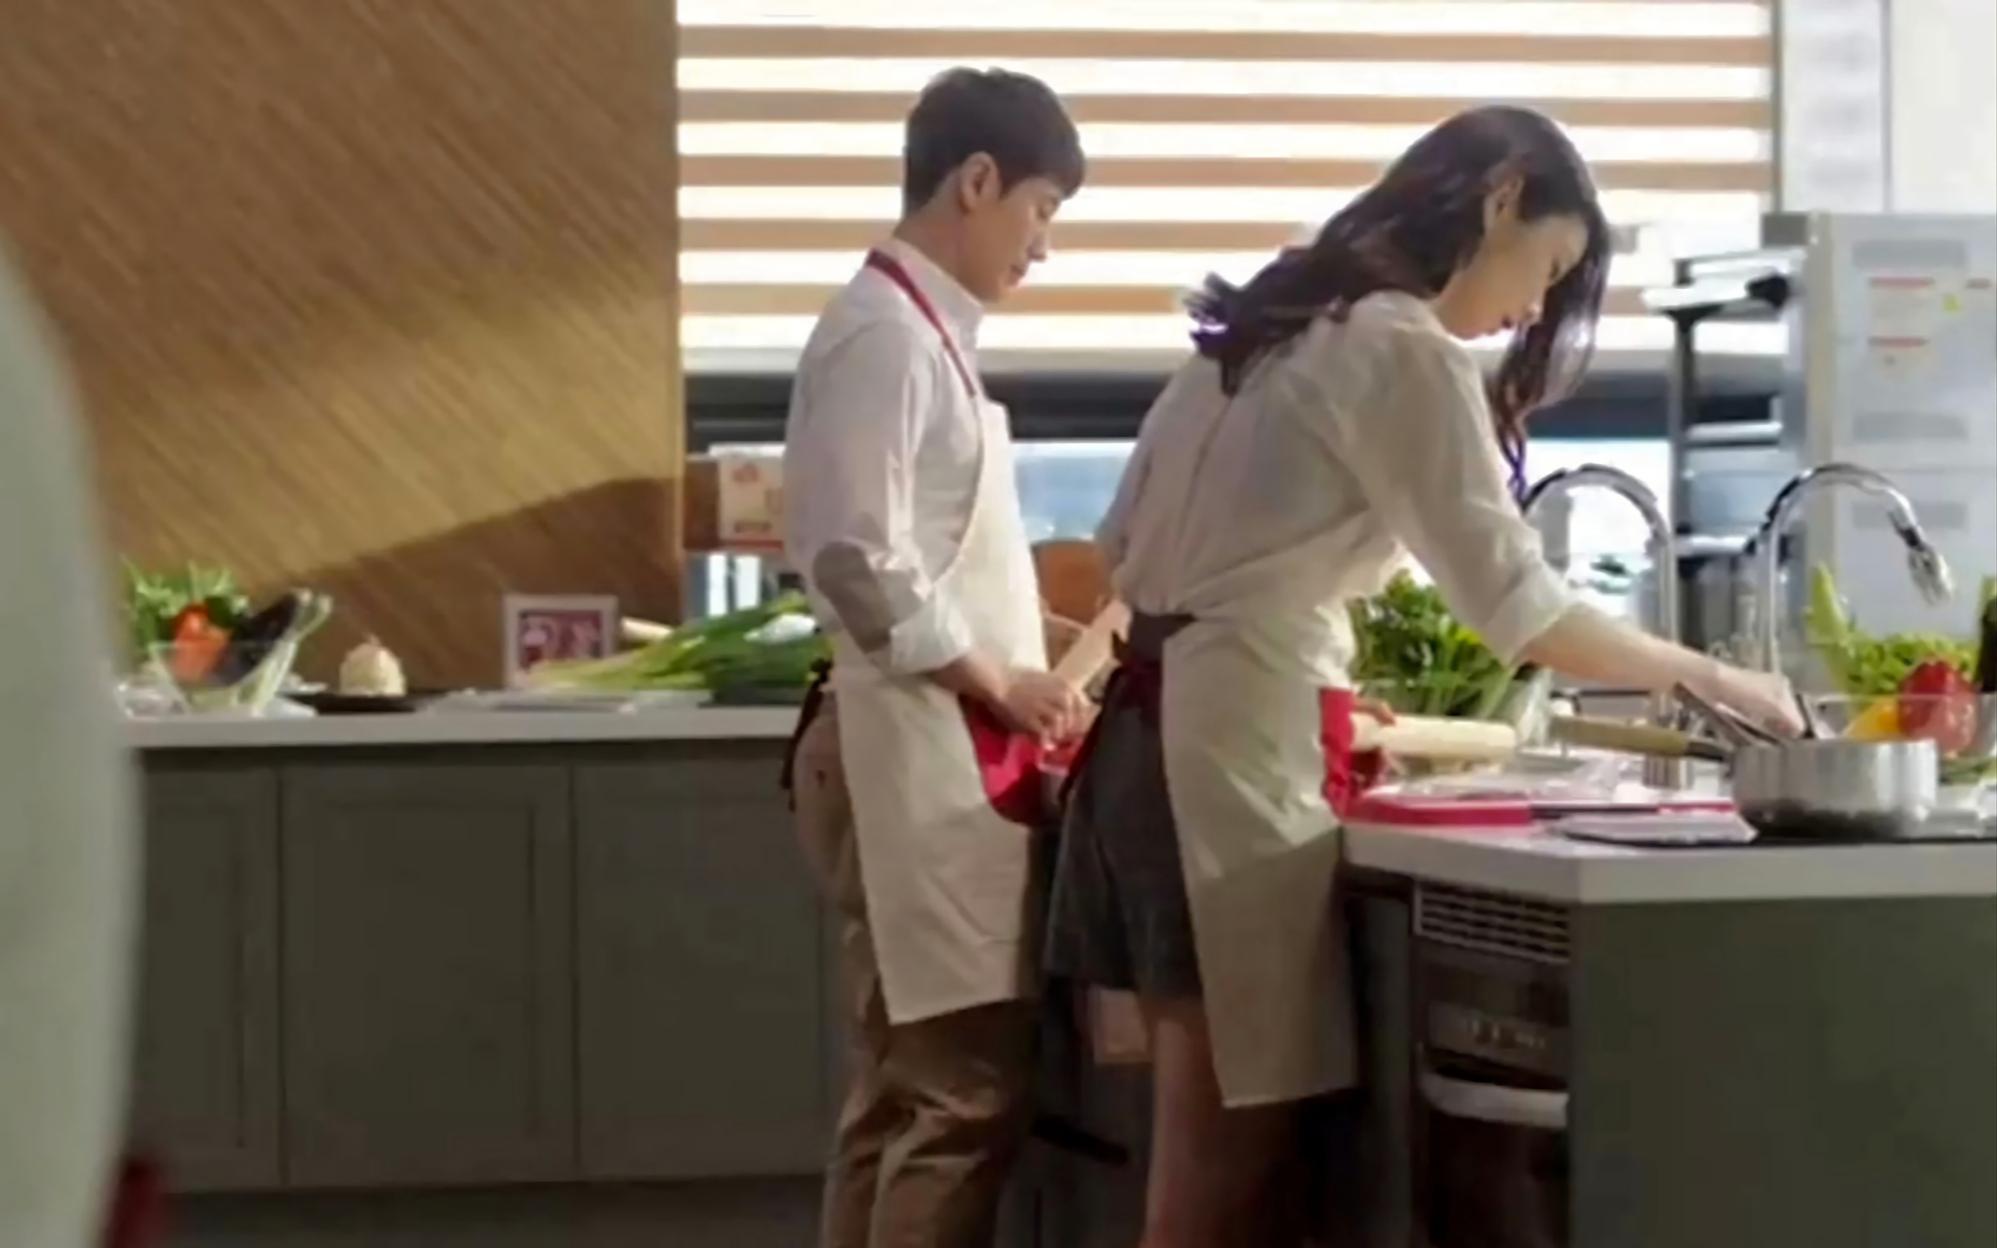 喜剧片:韩国一家四口的糜烂生活让人咋舌,每个人都头顶青青草原